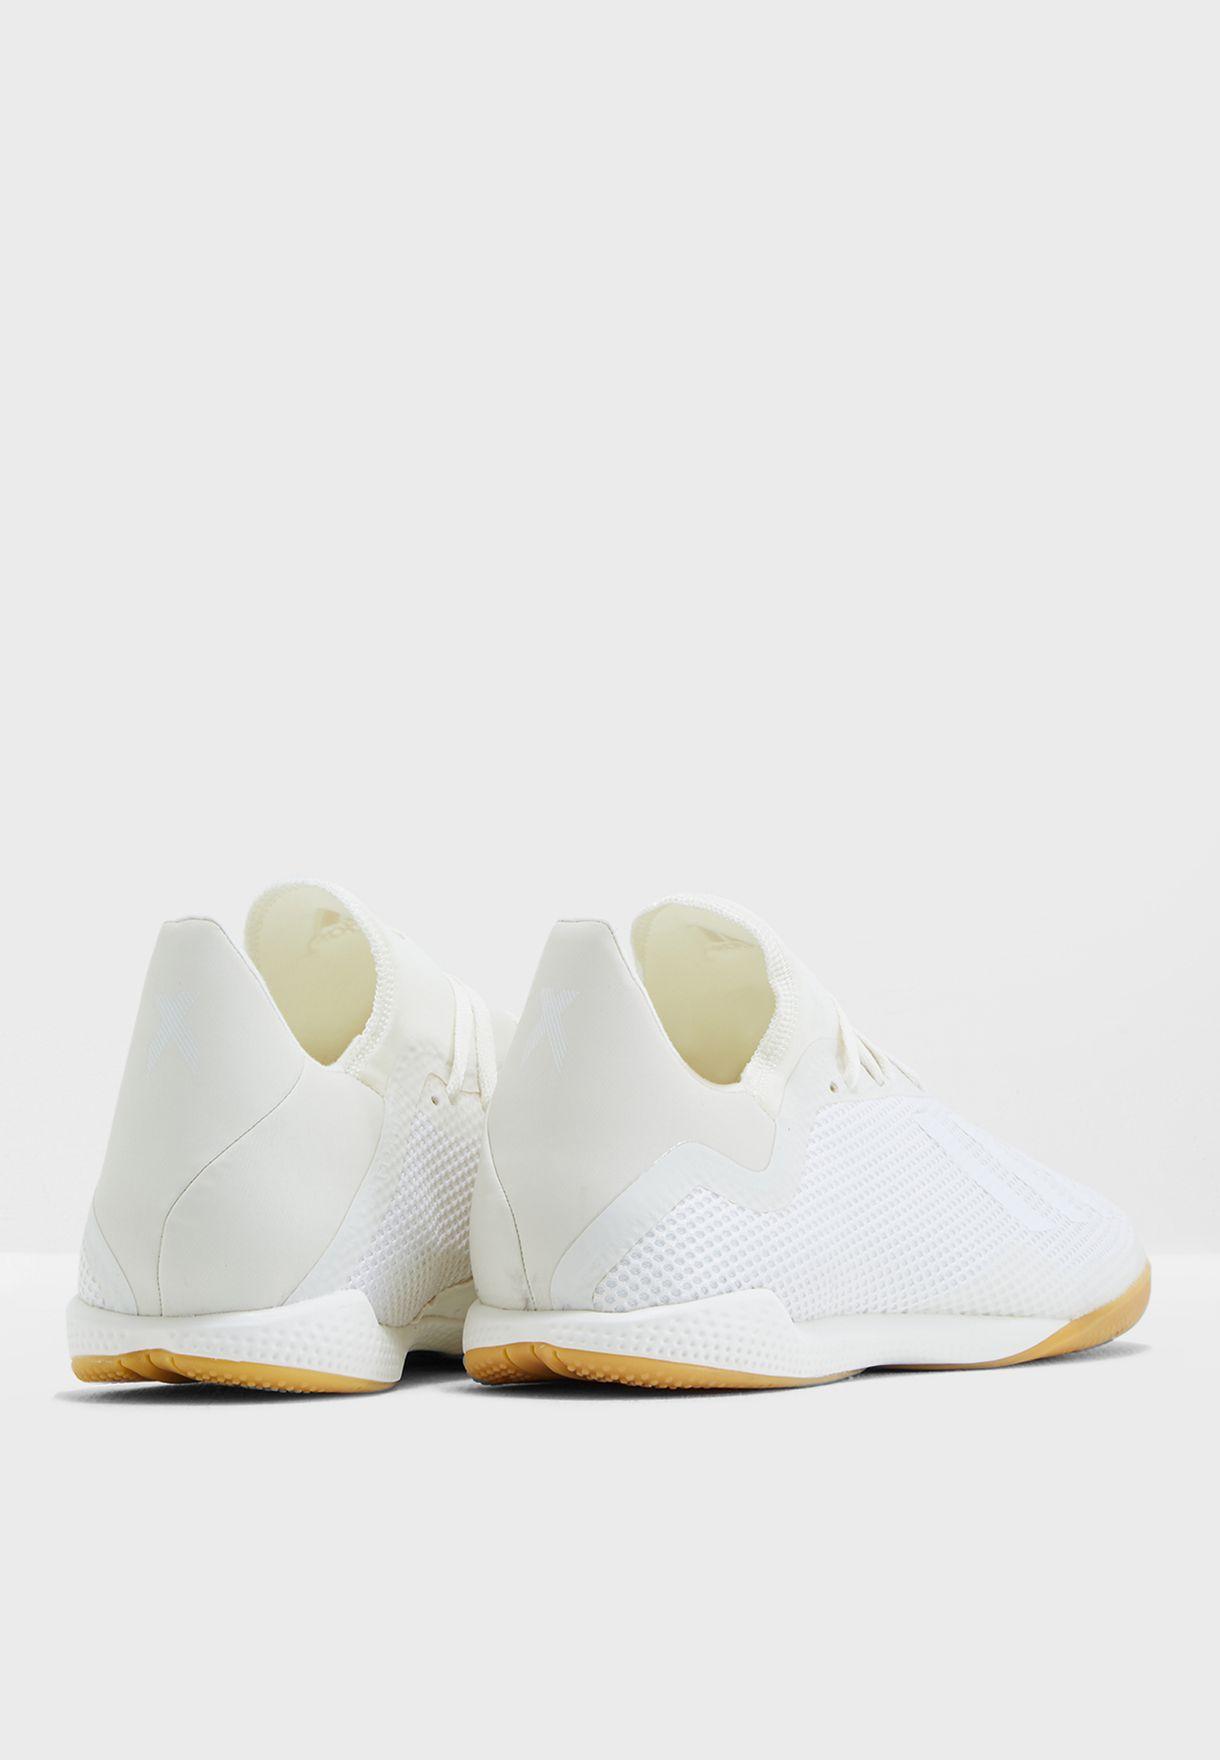 cf0aec91b تسوق حذاء اكس تانجو 18.3 للاسطح الداخلية ماركة اديداس لون أبيض ...